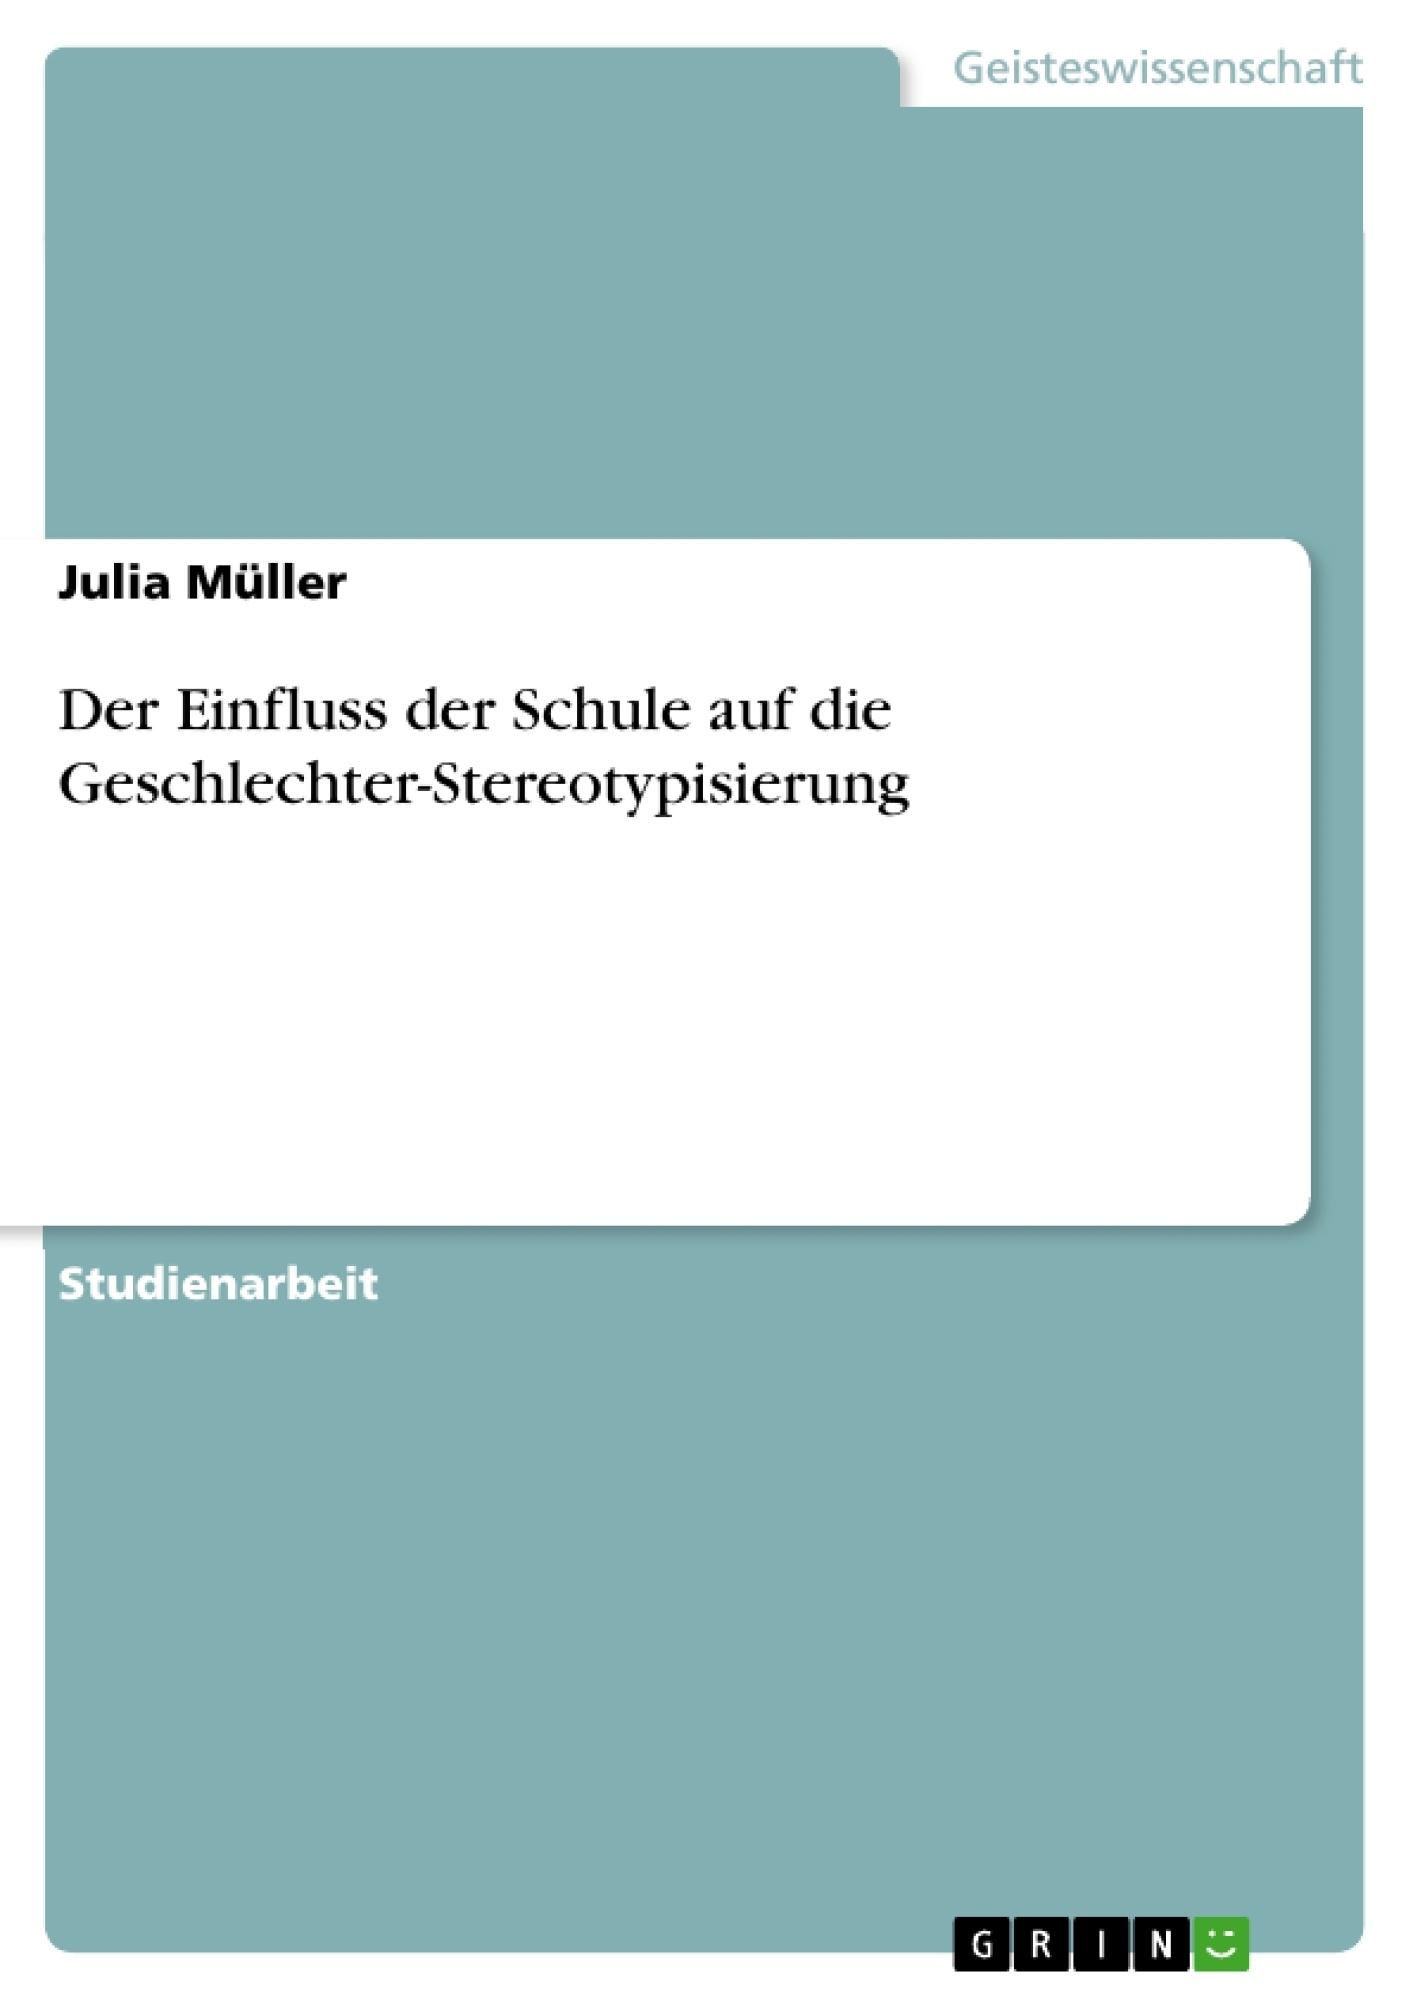 Titel: Der Einfluss der Schule auf die Geschlechter-Stereotypisierung